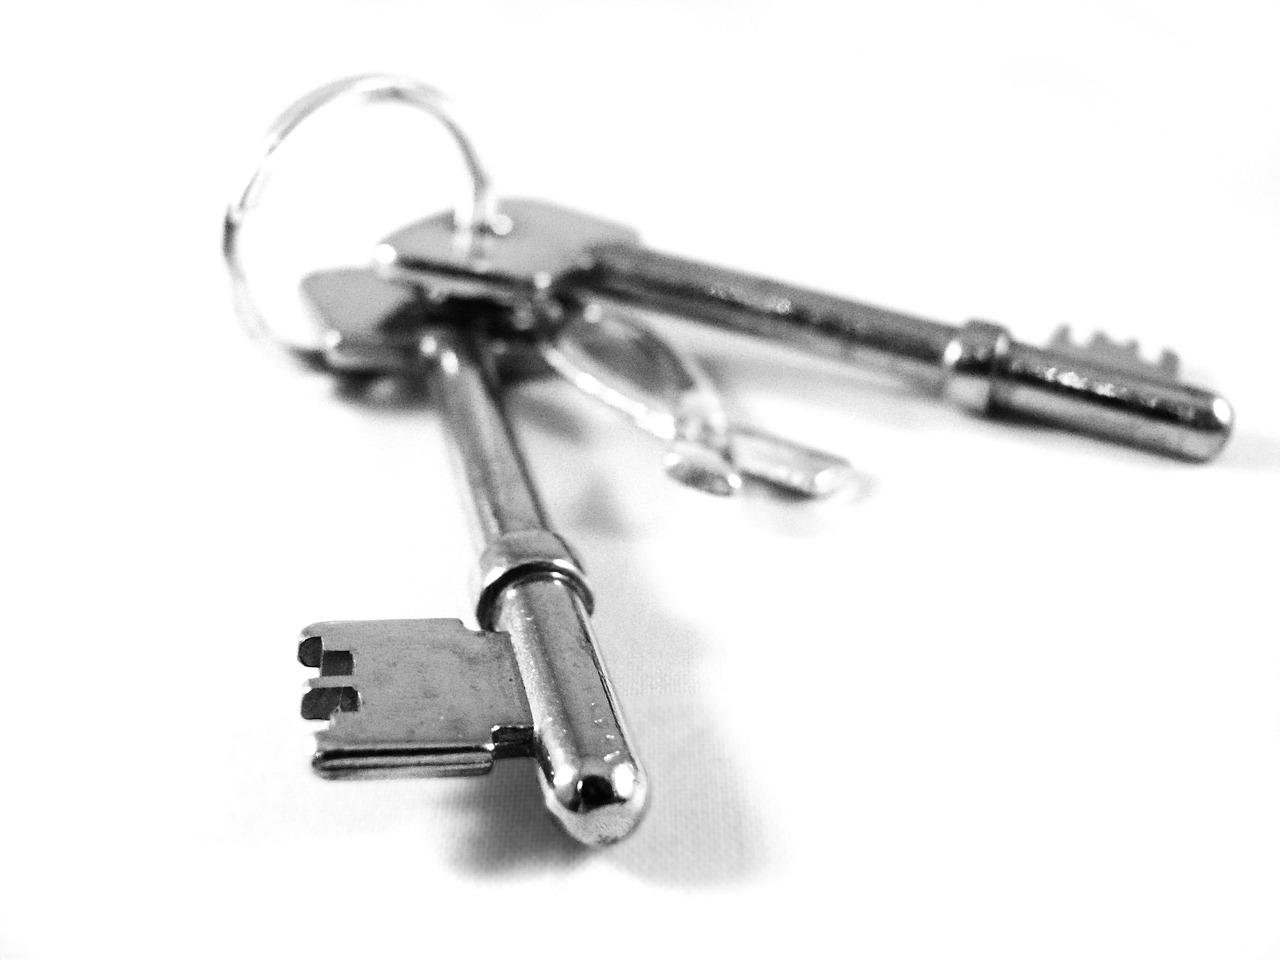 silver keys on a keychain